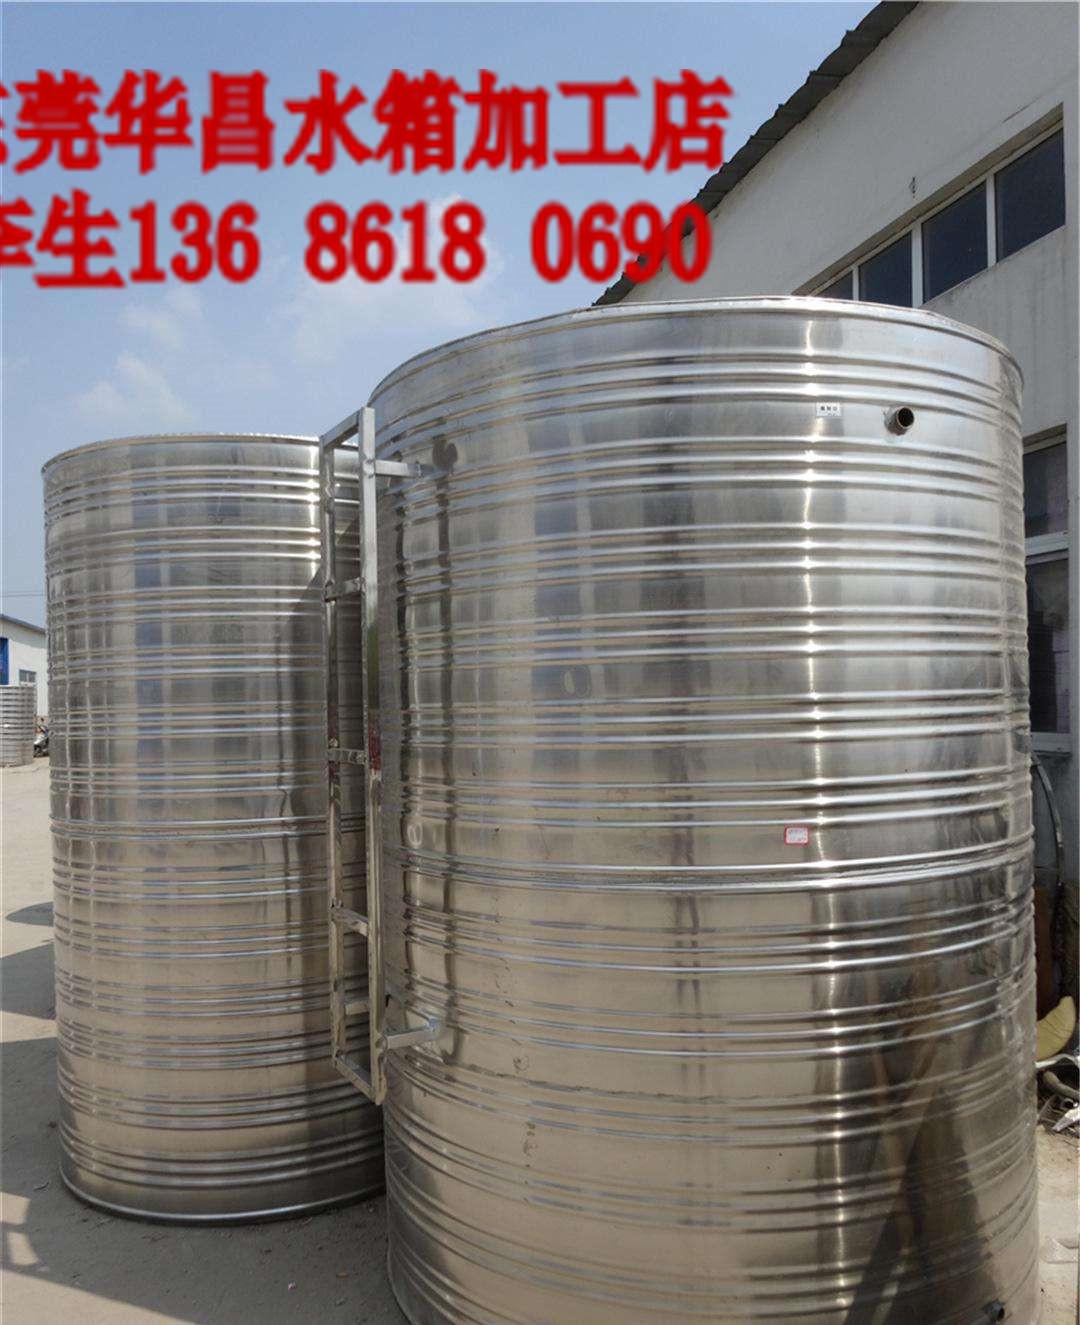 华昌不锈钢水箱,珠海保温水箱价格